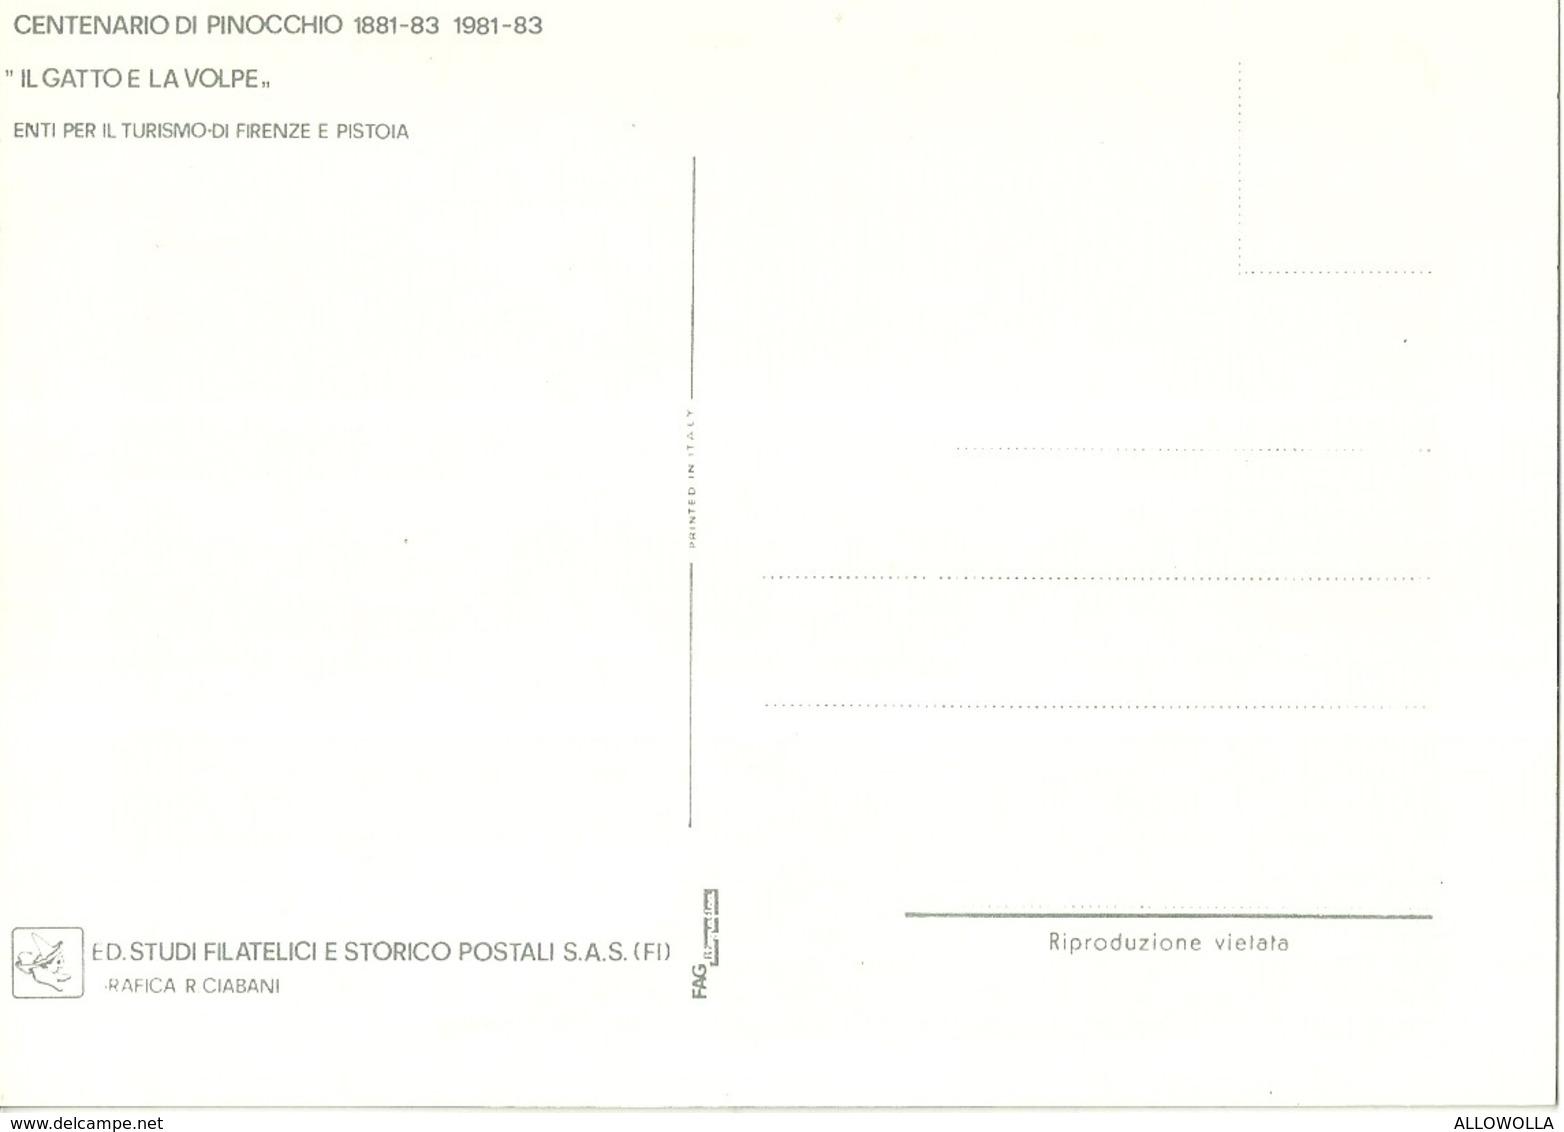 """665"""" PINOCCHIO-CENTENARIO 1881-1883/1981-1983-6 CARTOLINE C/FASCETTA  CART NON SPED. - Fiabe, Racconti Popolari & Leggende"""